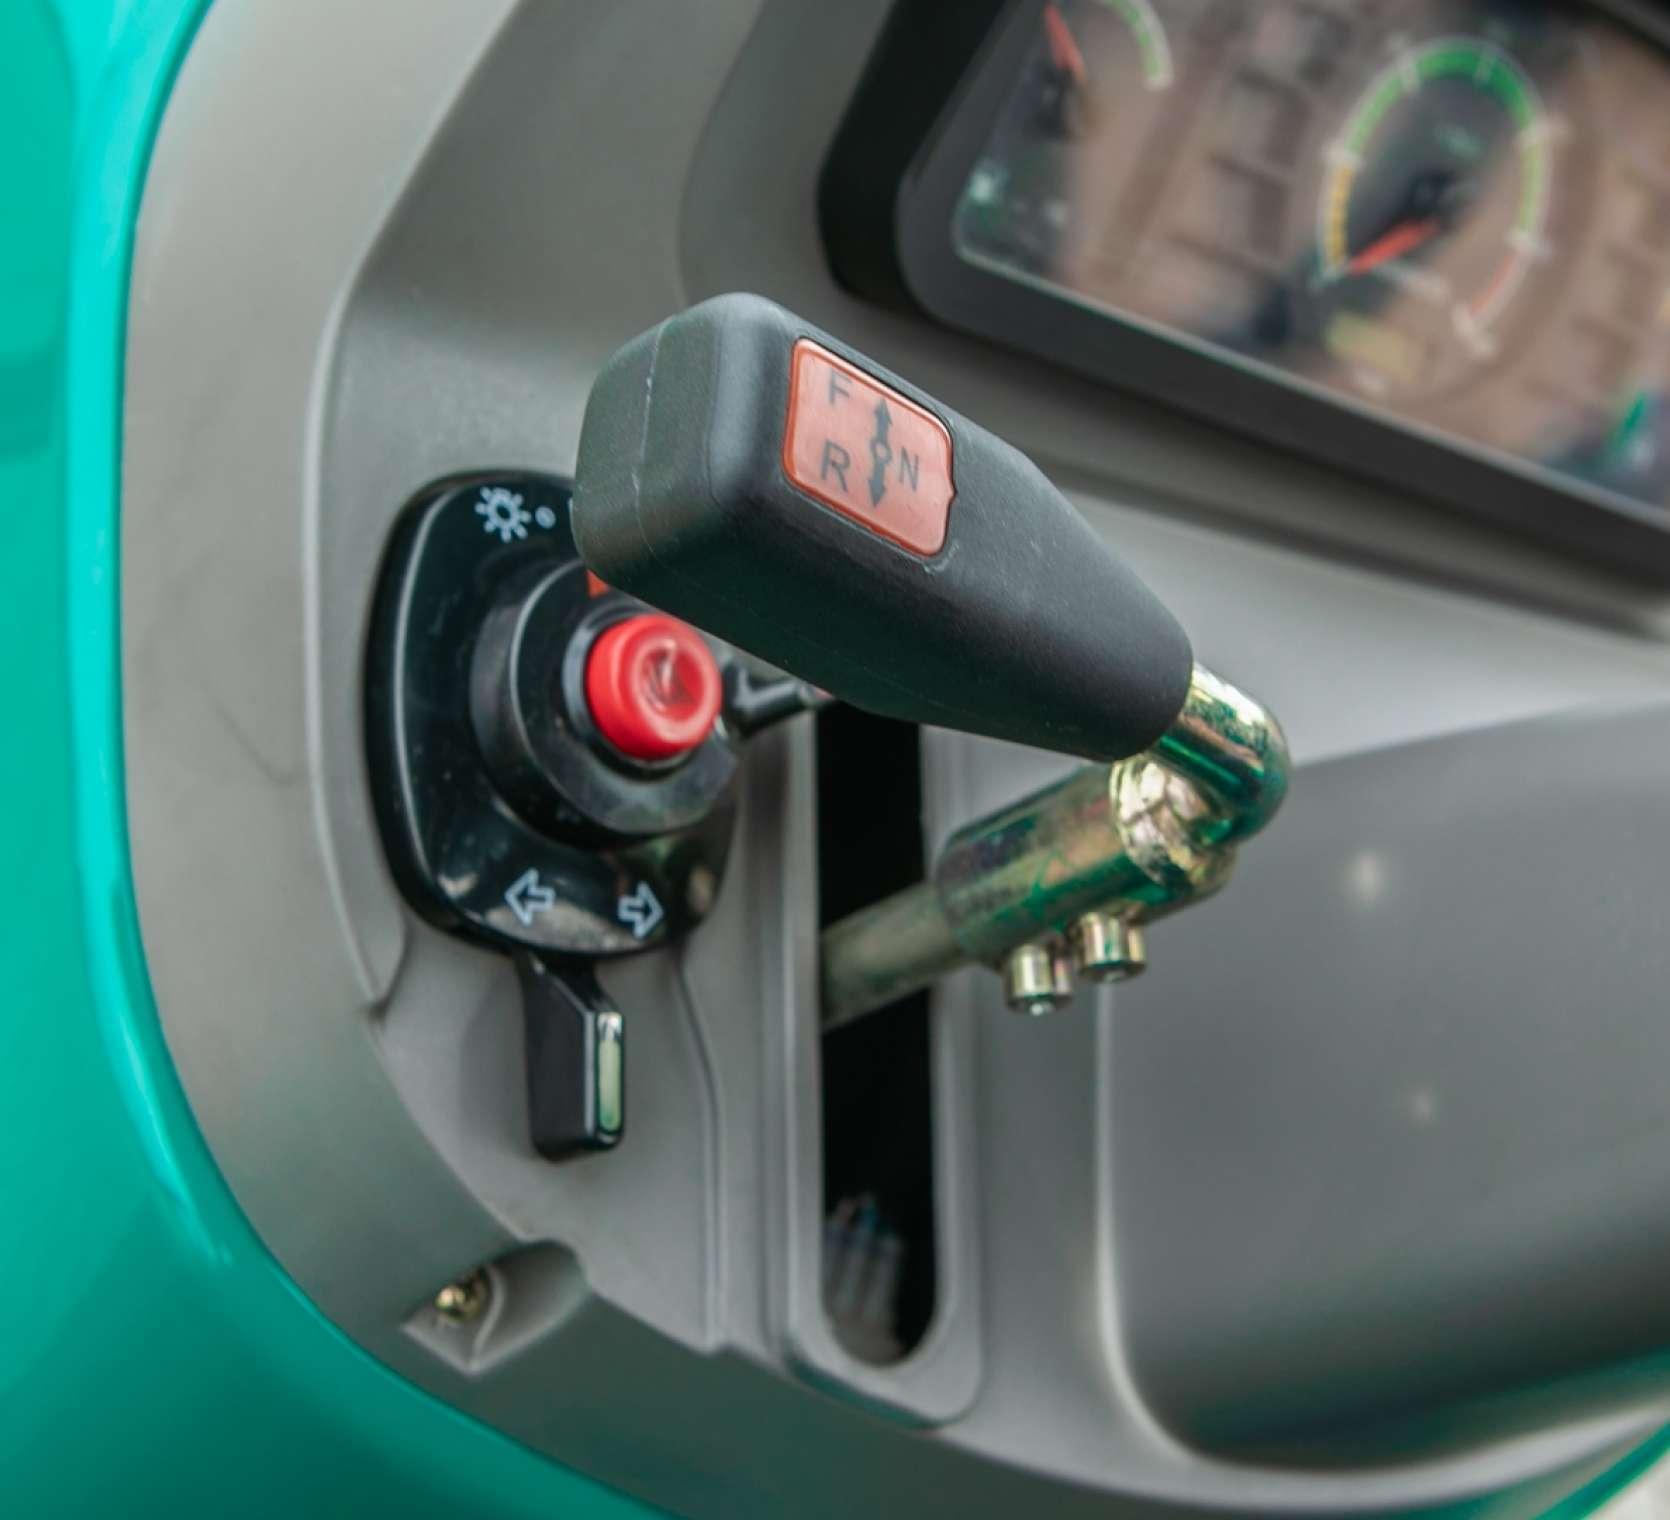 Dźwignia zmiany biegów w traktorze 2025 Arbos.